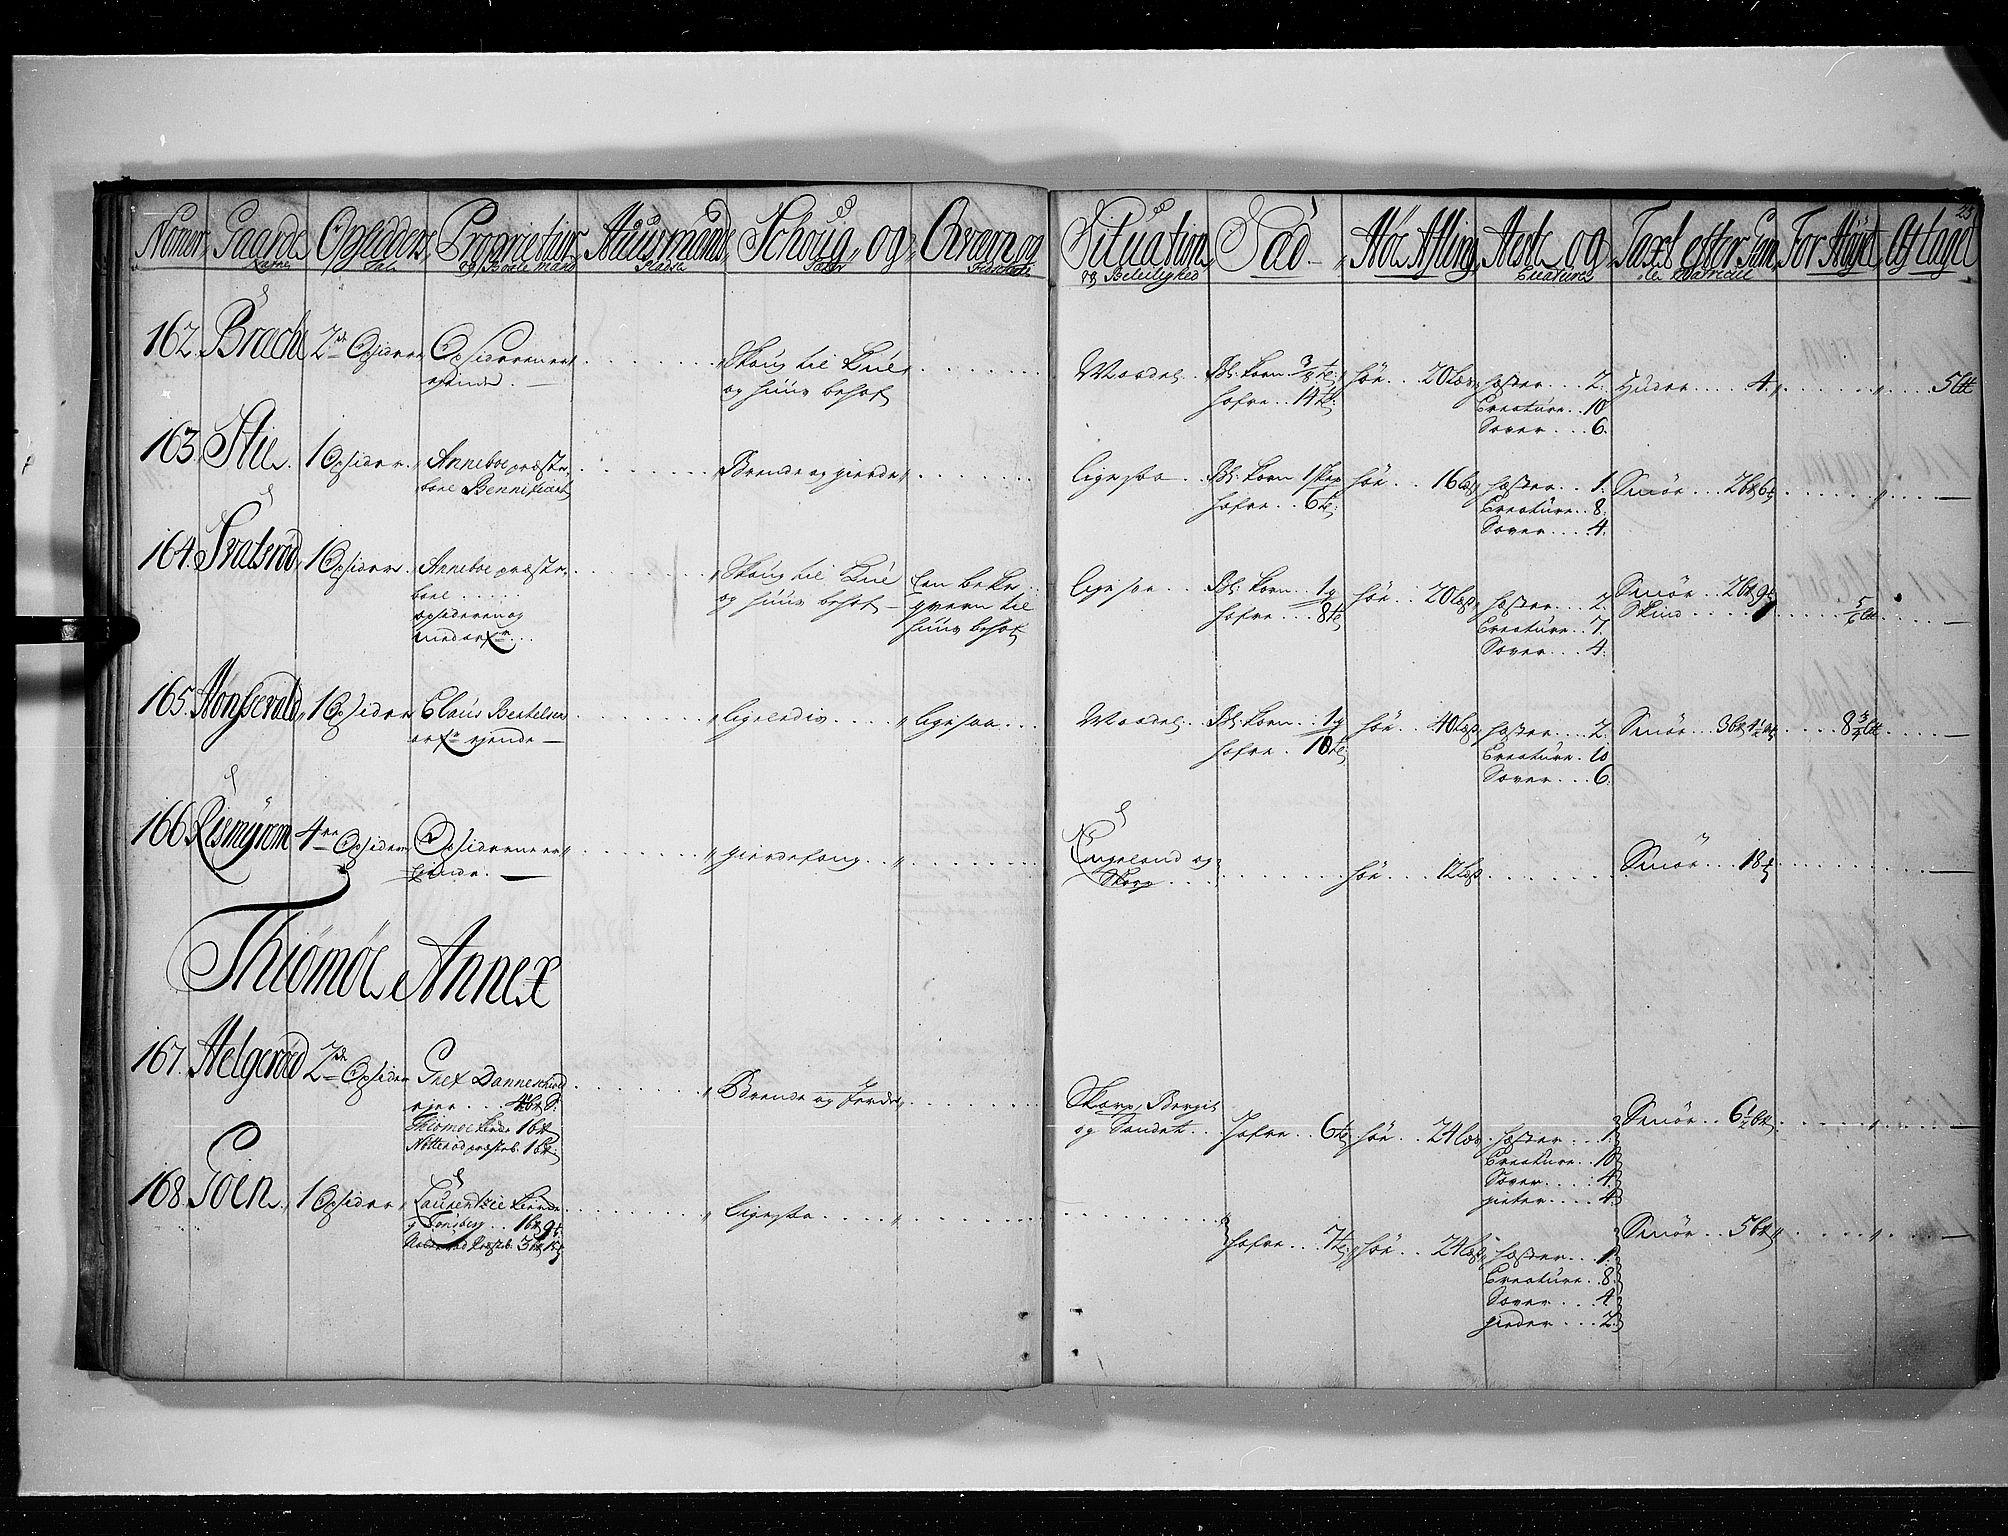 RA, Rentekammeret inntil 1814, Realistisk ordnet avdeling, N/Nb/Nbf/L0117: Larvik grevskap eksaminasjonsprotokoll, 1723, s. 22b-23a